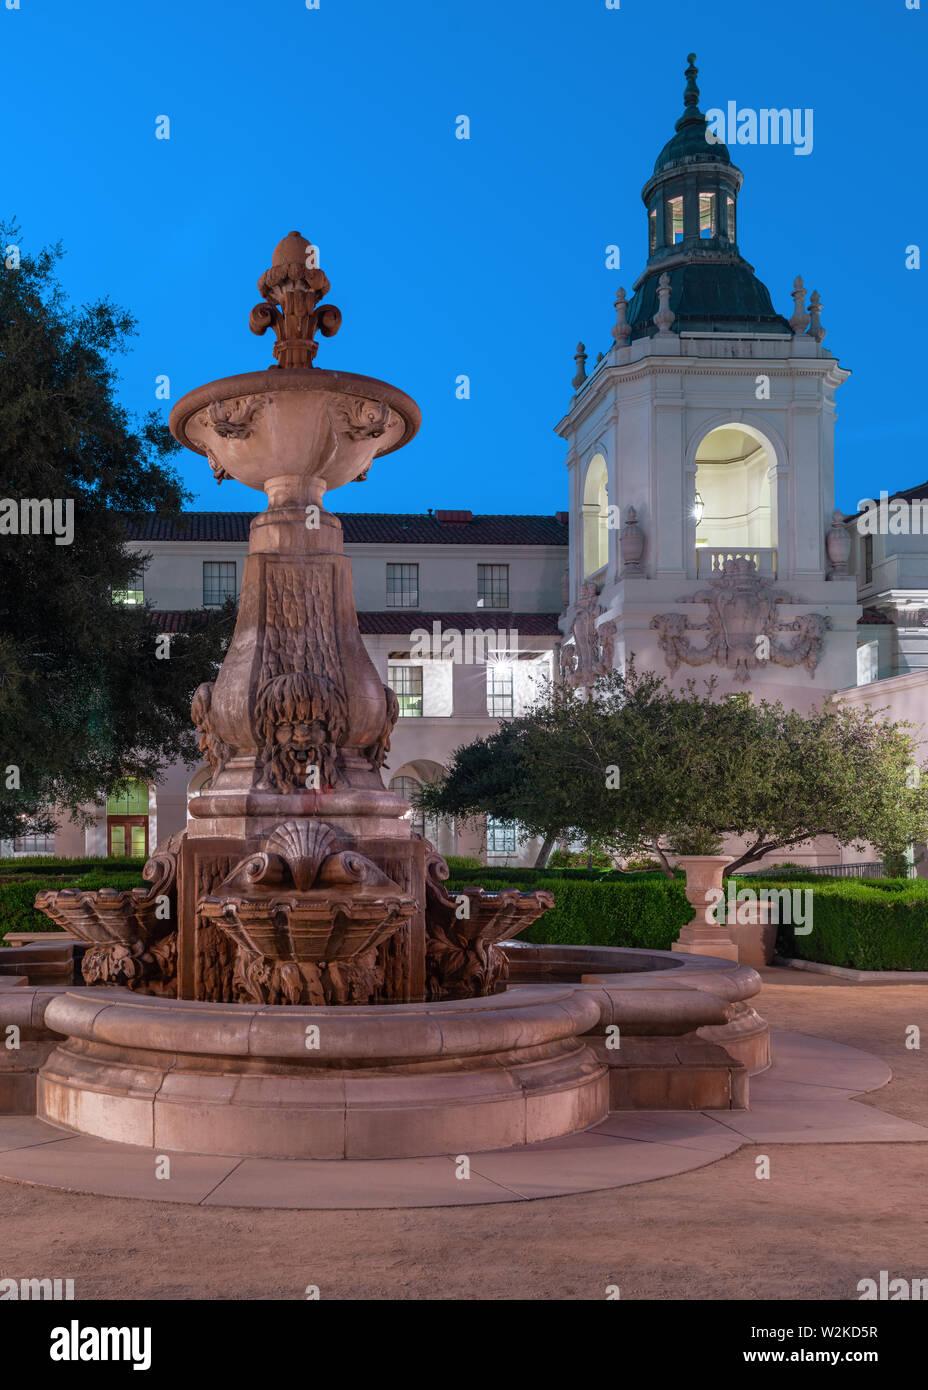 Pasadena Rathaus Innenhof mit Brunnen und einer der kleineren towes.. Stockfoto